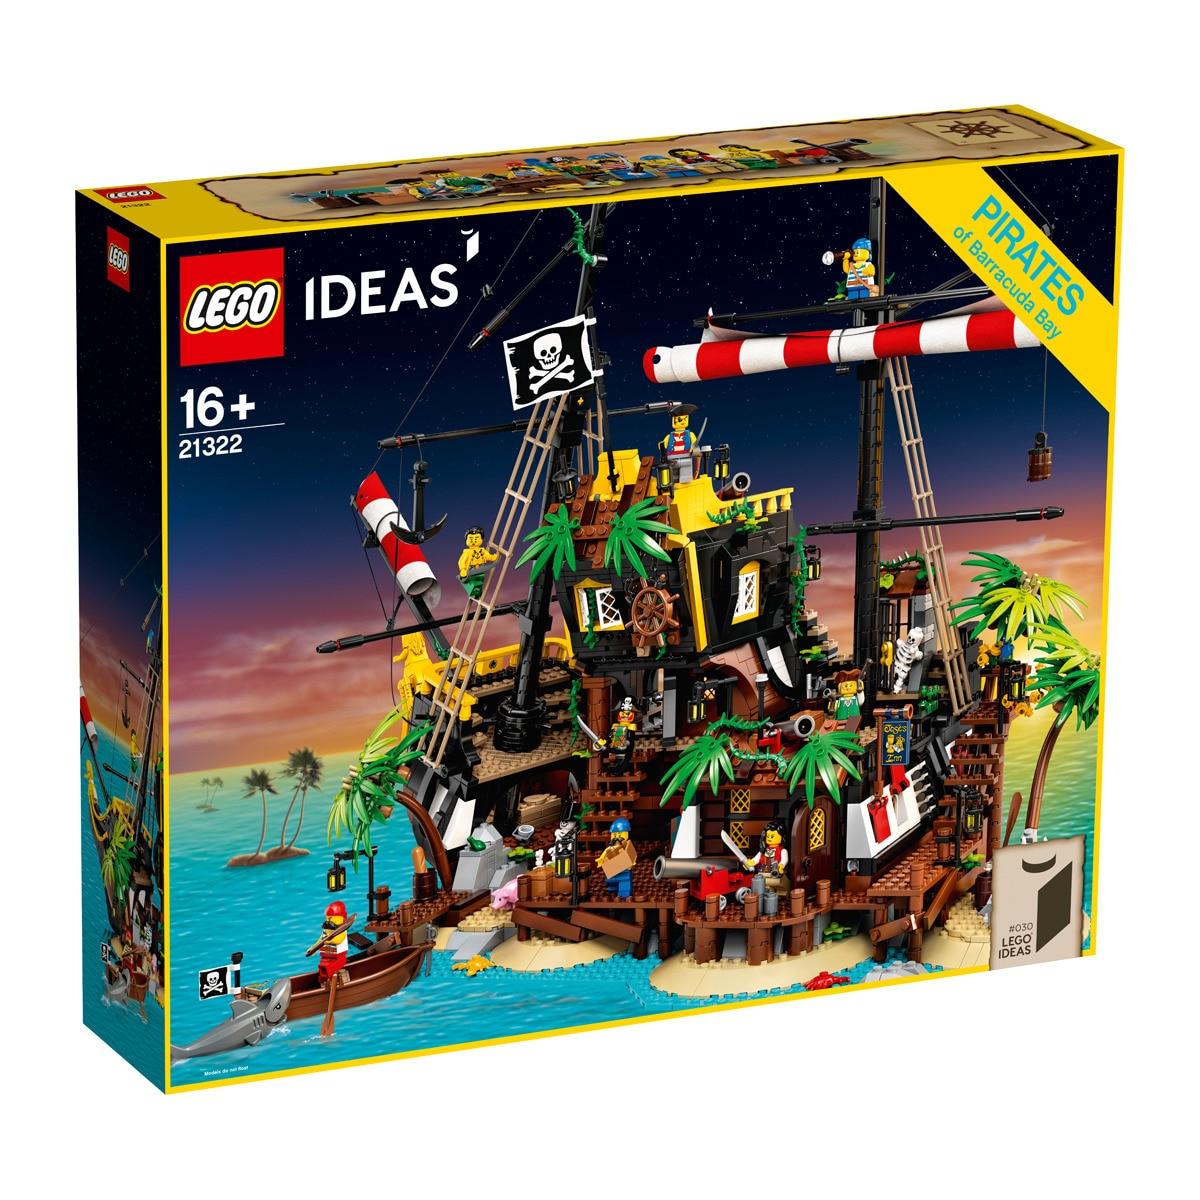 20% auf Lego bei el corte ingles u.a. Ideas 21322 Piraten der Barracuda-Buch, 75290 Cantina, 75192, 21324 Klemmbausteine